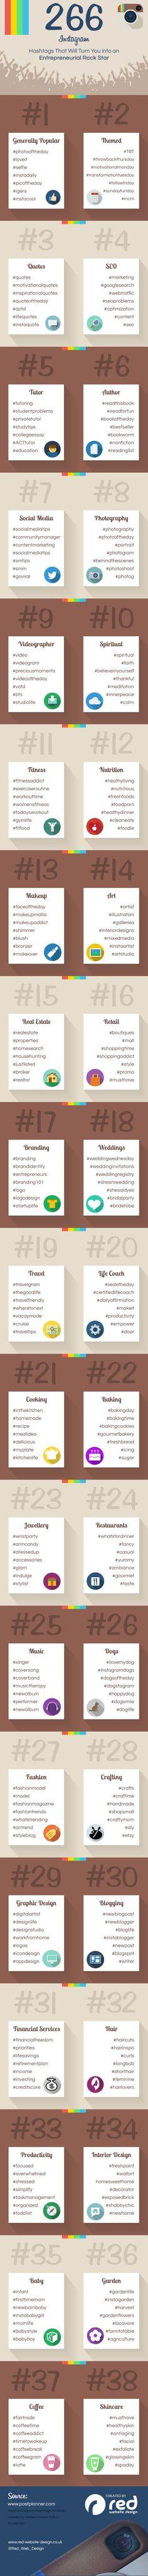 266 hashtags que deberías utilizar en Instagram si quieres aumentar la popularidad de tus publicaciones #Instagram 266 Instagram Hashtags That Will Turn You into an Entrepreneurial Rock Star